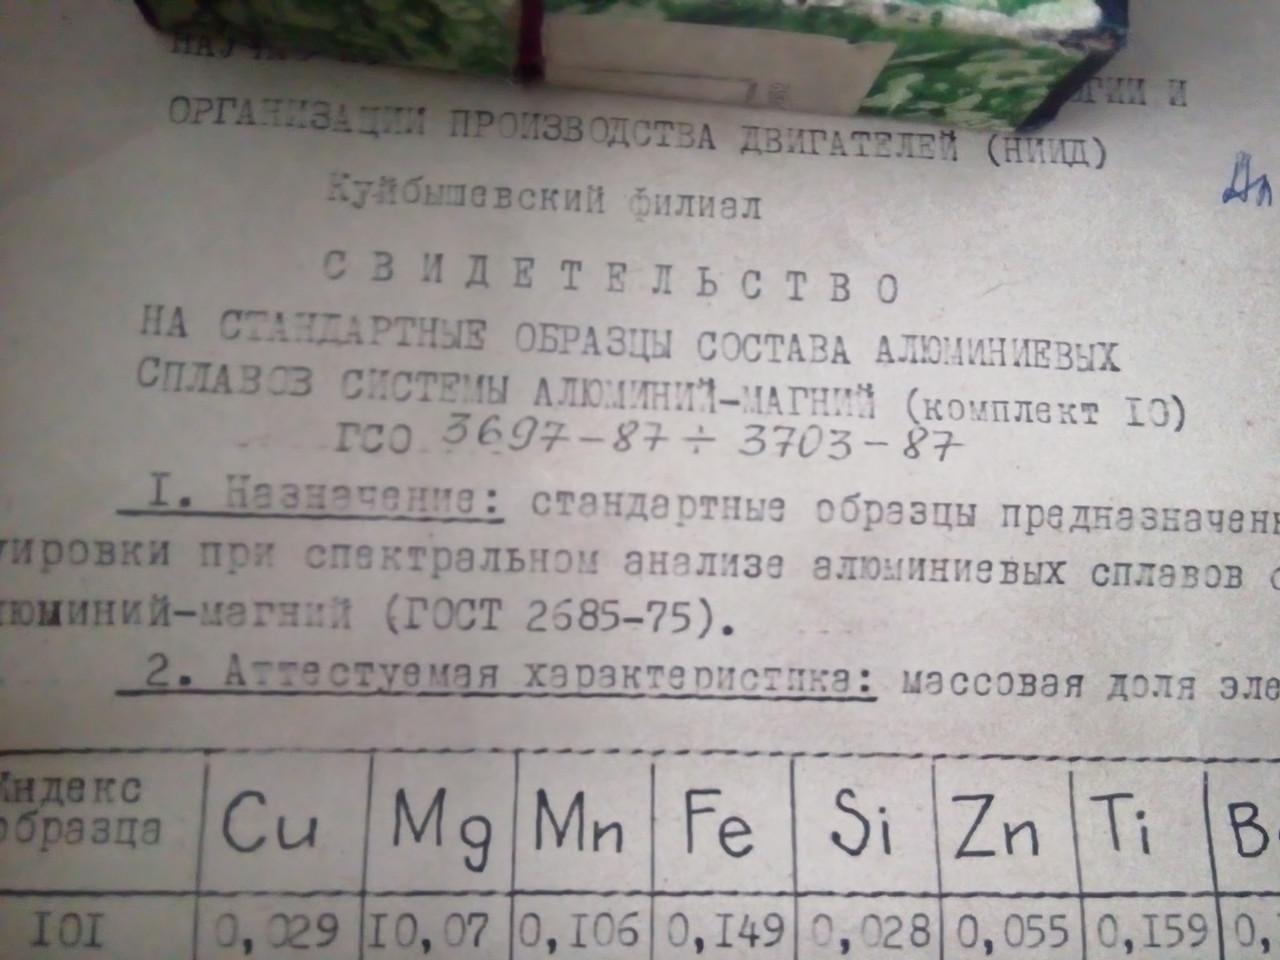 Образцы Алюминий-магний комплект №10